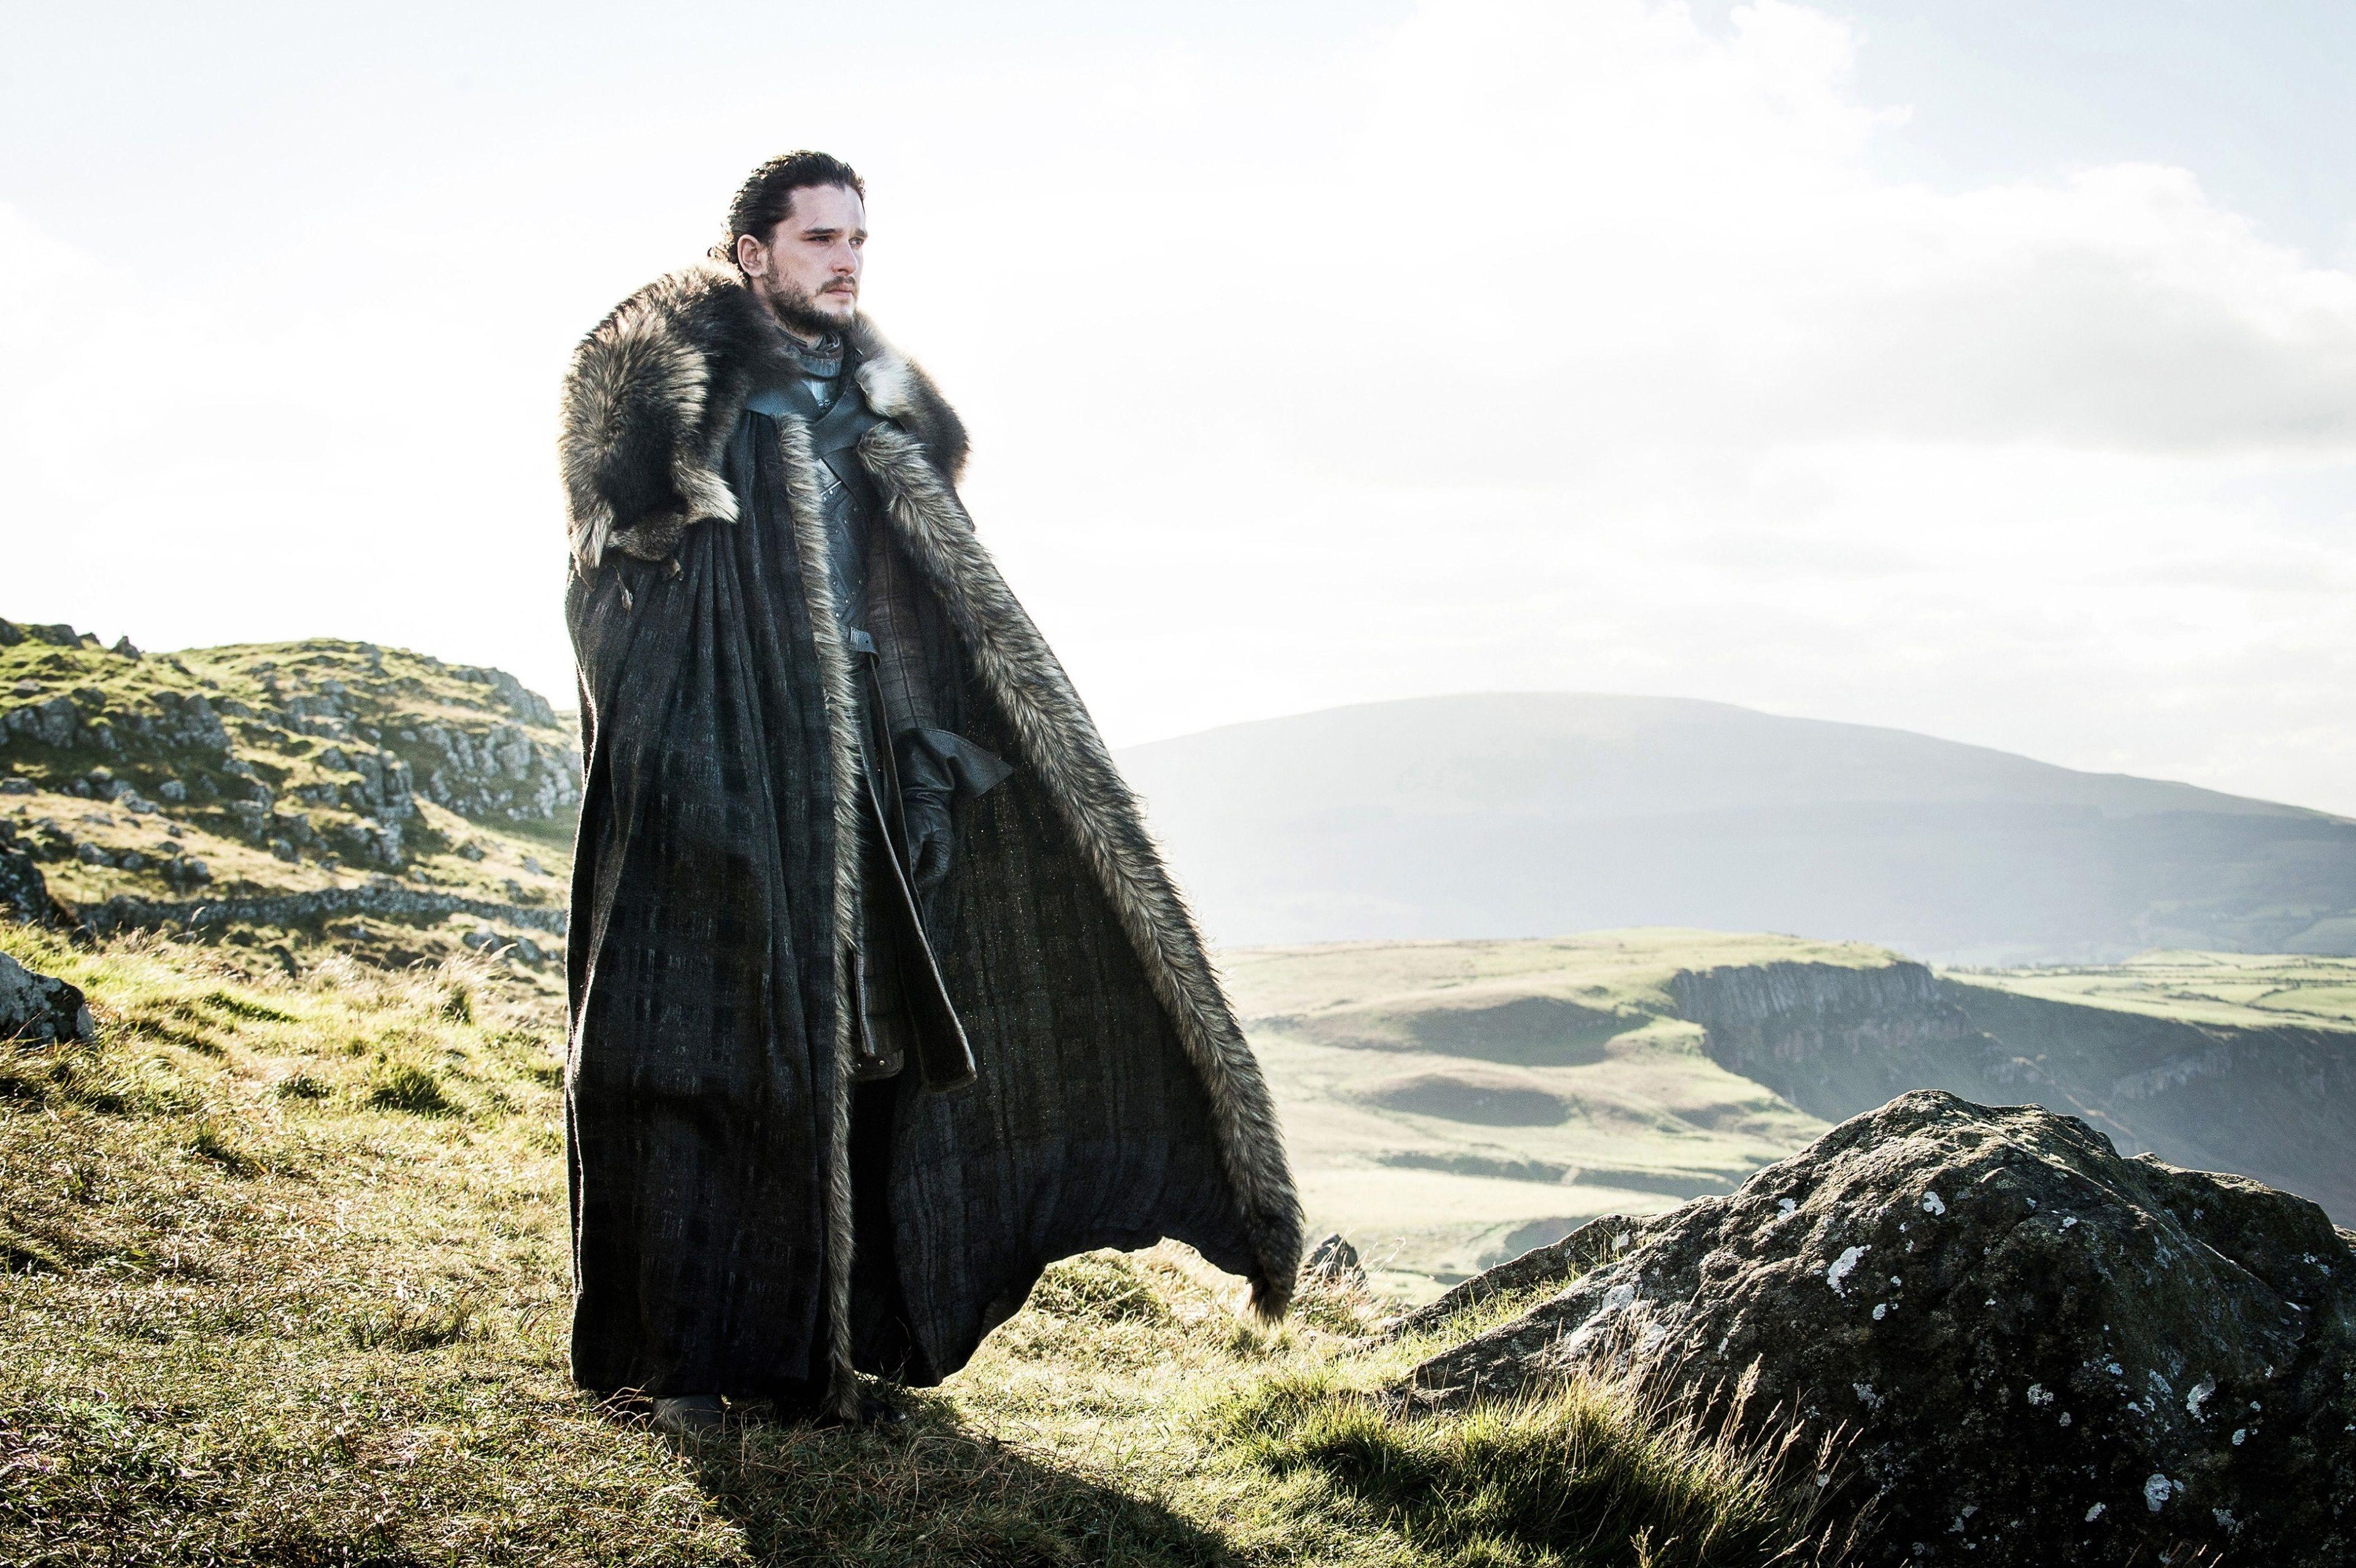 3840x2556 Jon Snow 4k Wallpaper Beautiful Film